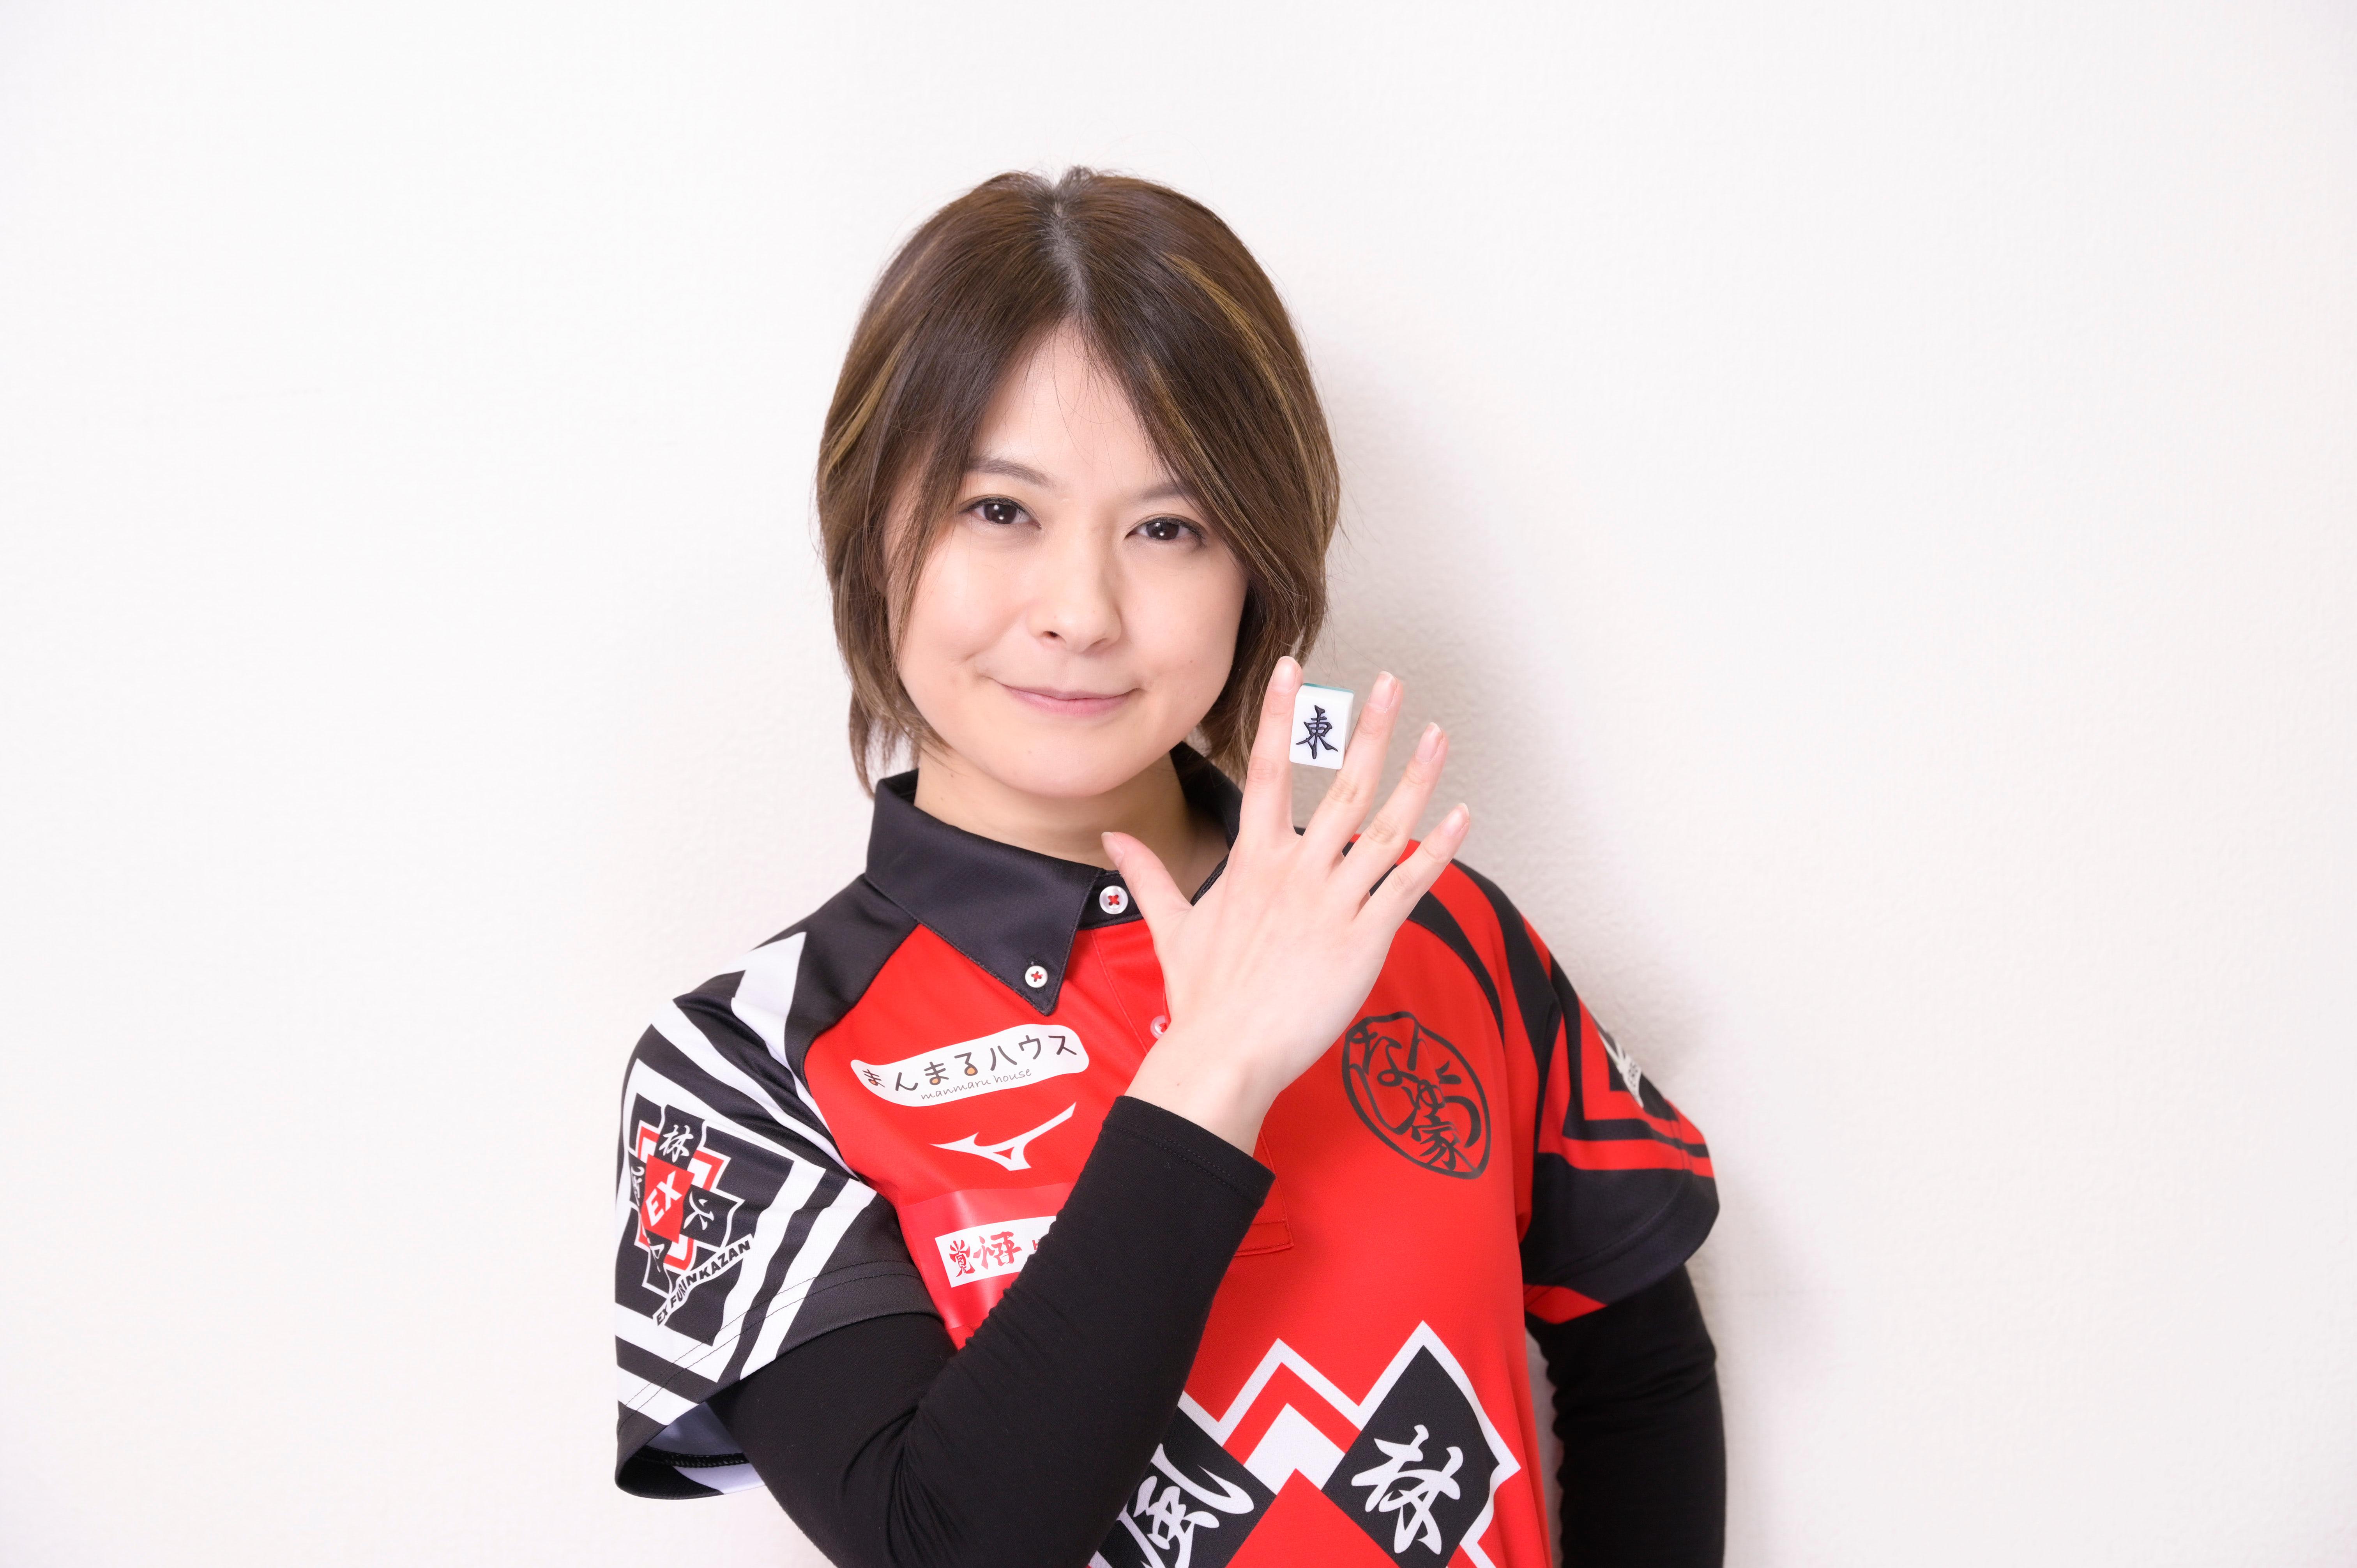 個人 成績 リーグ m 【Mリーグ2019】最新版!チーム・個人成績ランキング(ファイナル)